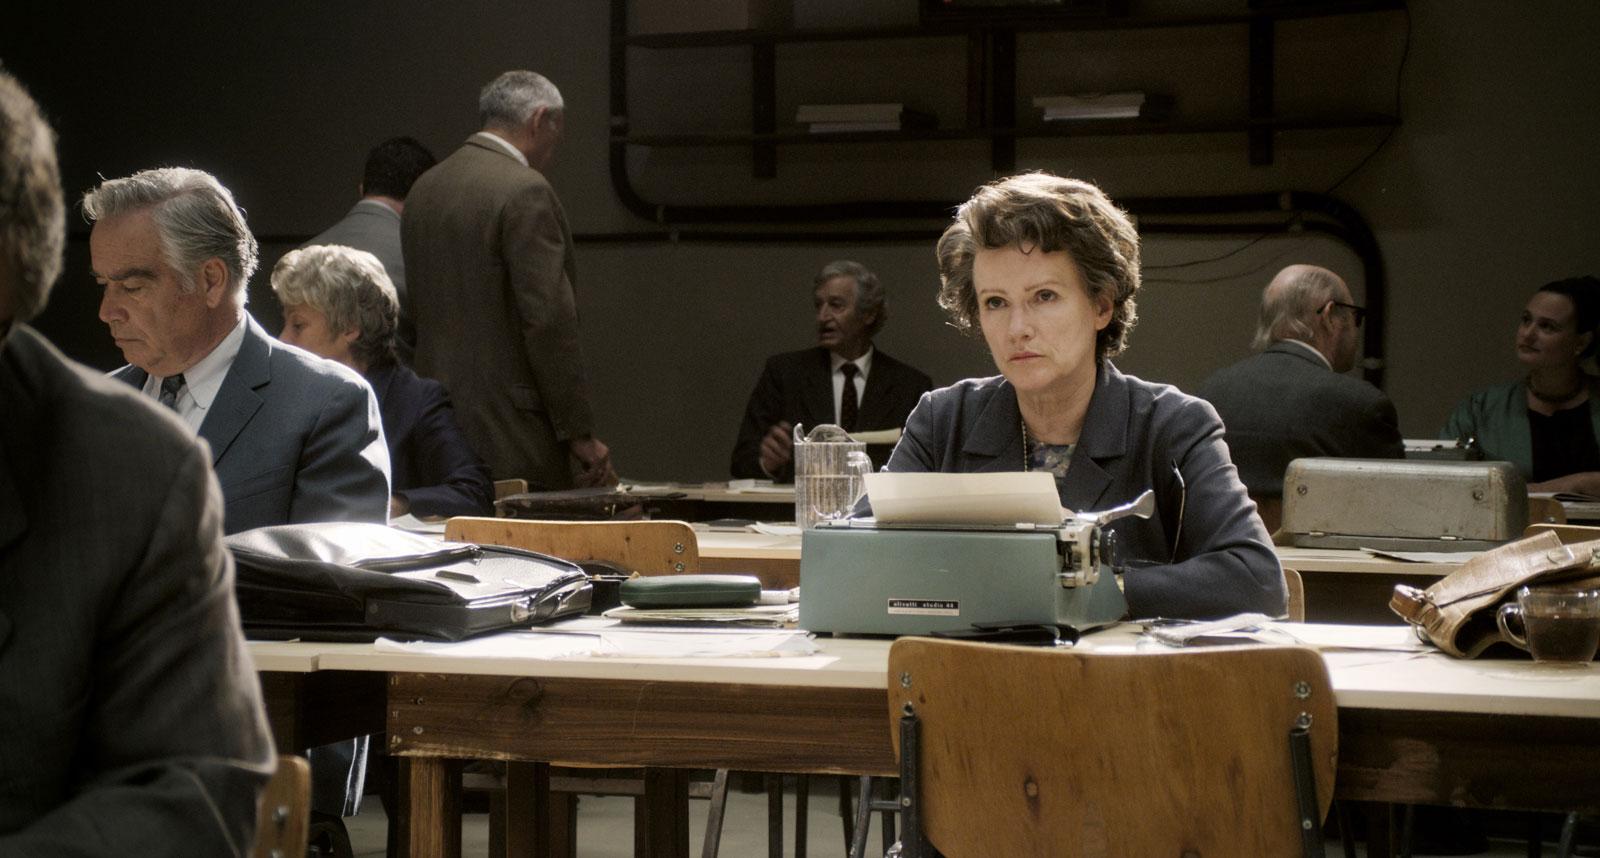 Barbara Sukowa, Hannah Arendt